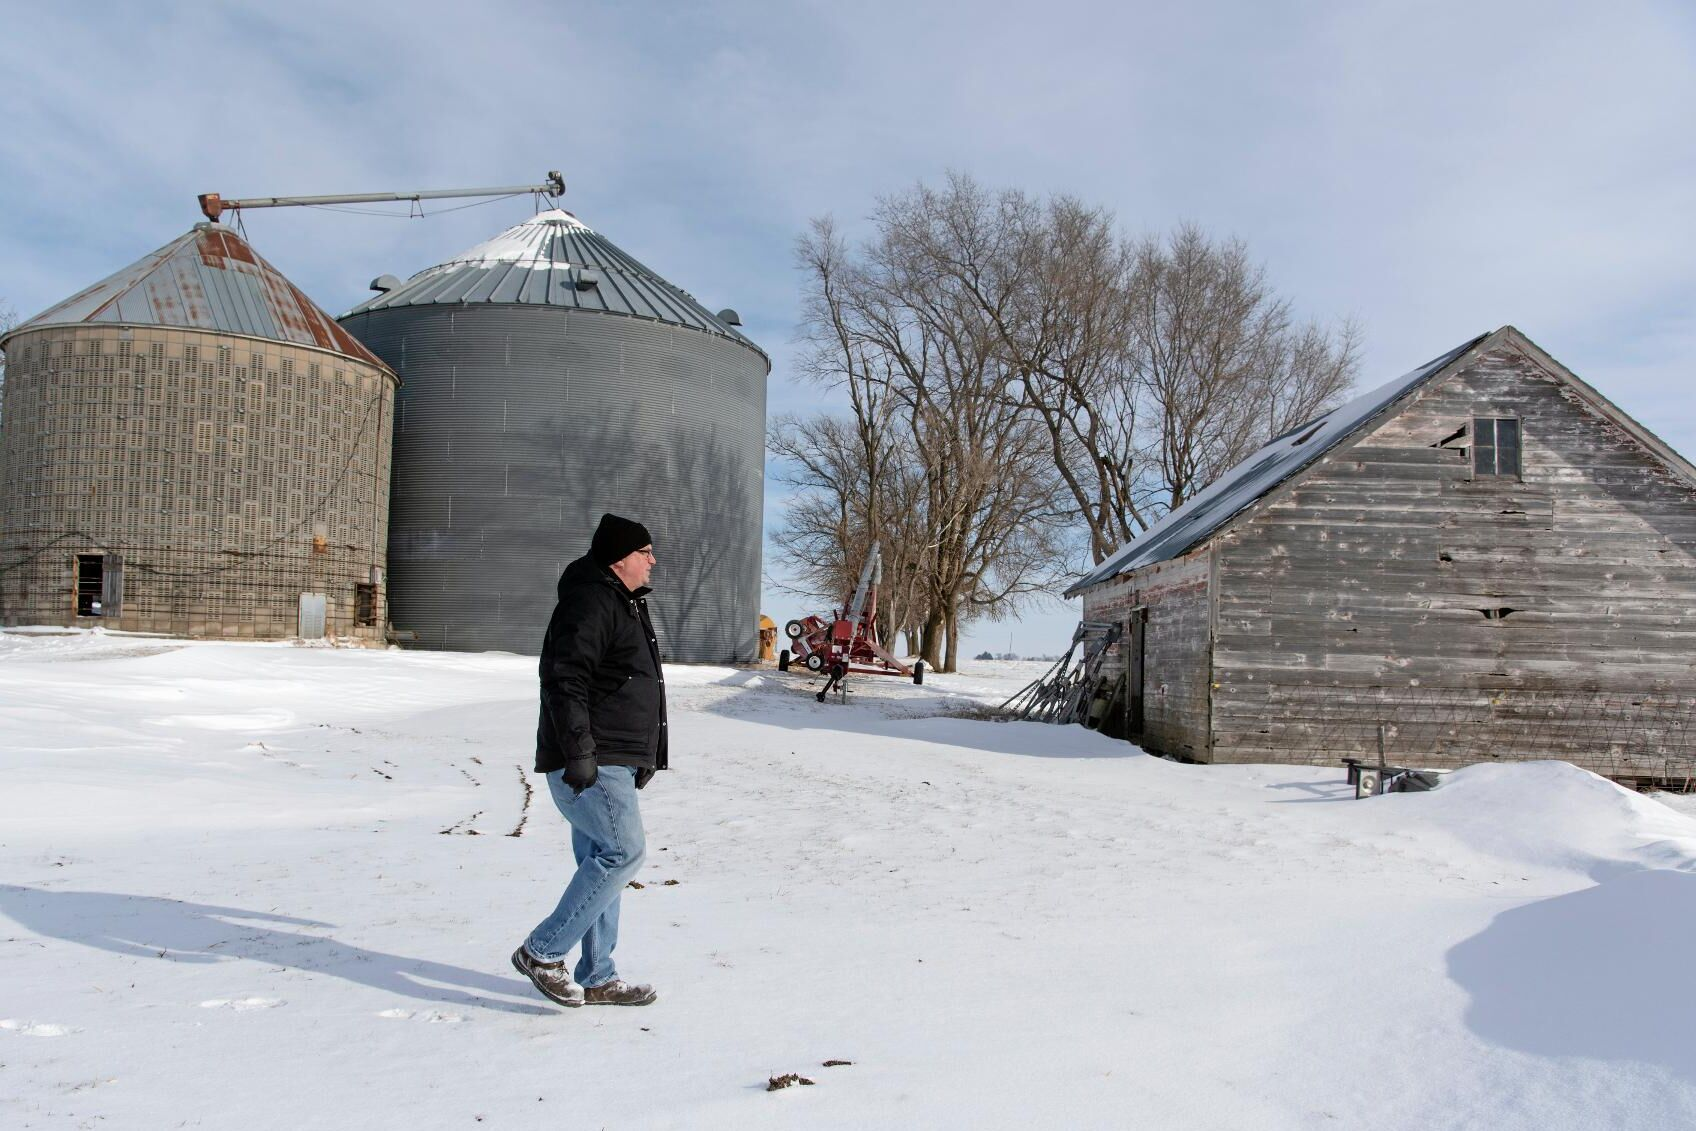 Aaron Lehman är femte generationen jordbrukare på familjegården i Iowa. Men handelskriget med Kina får honom att tveka inför framtiden.